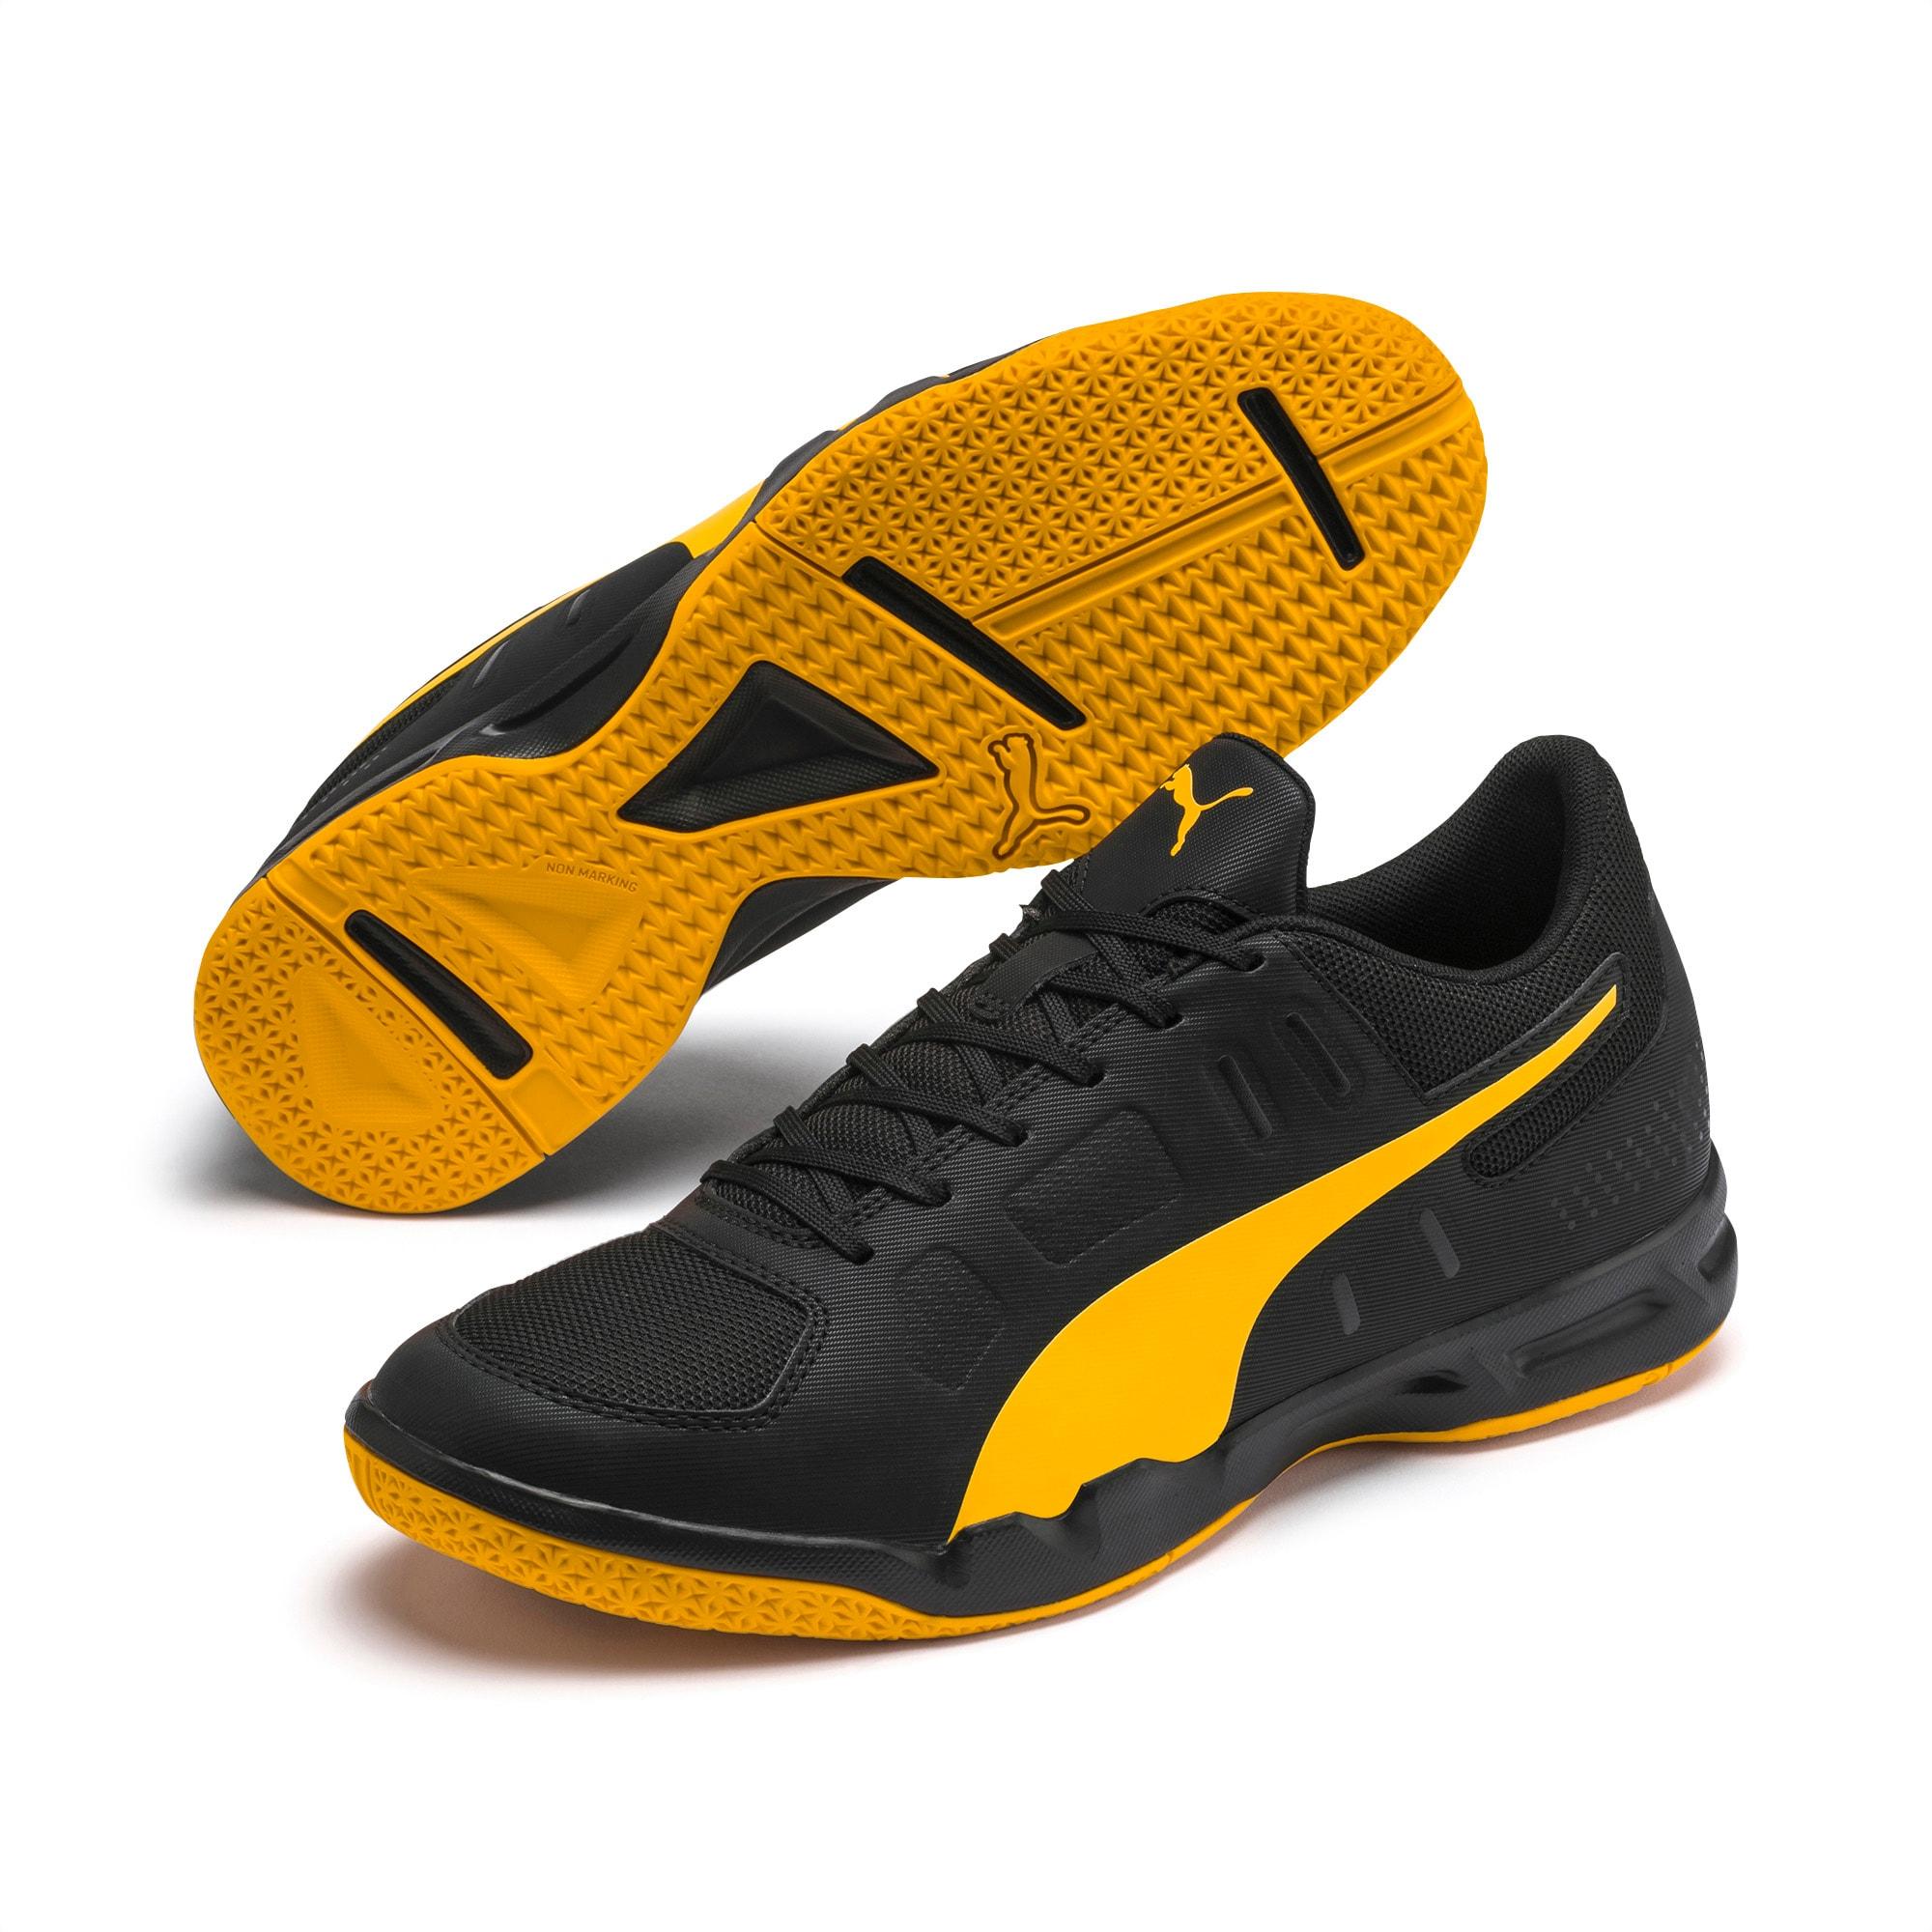 Scarpe da ginnastica per sport indoor Auriz uomo